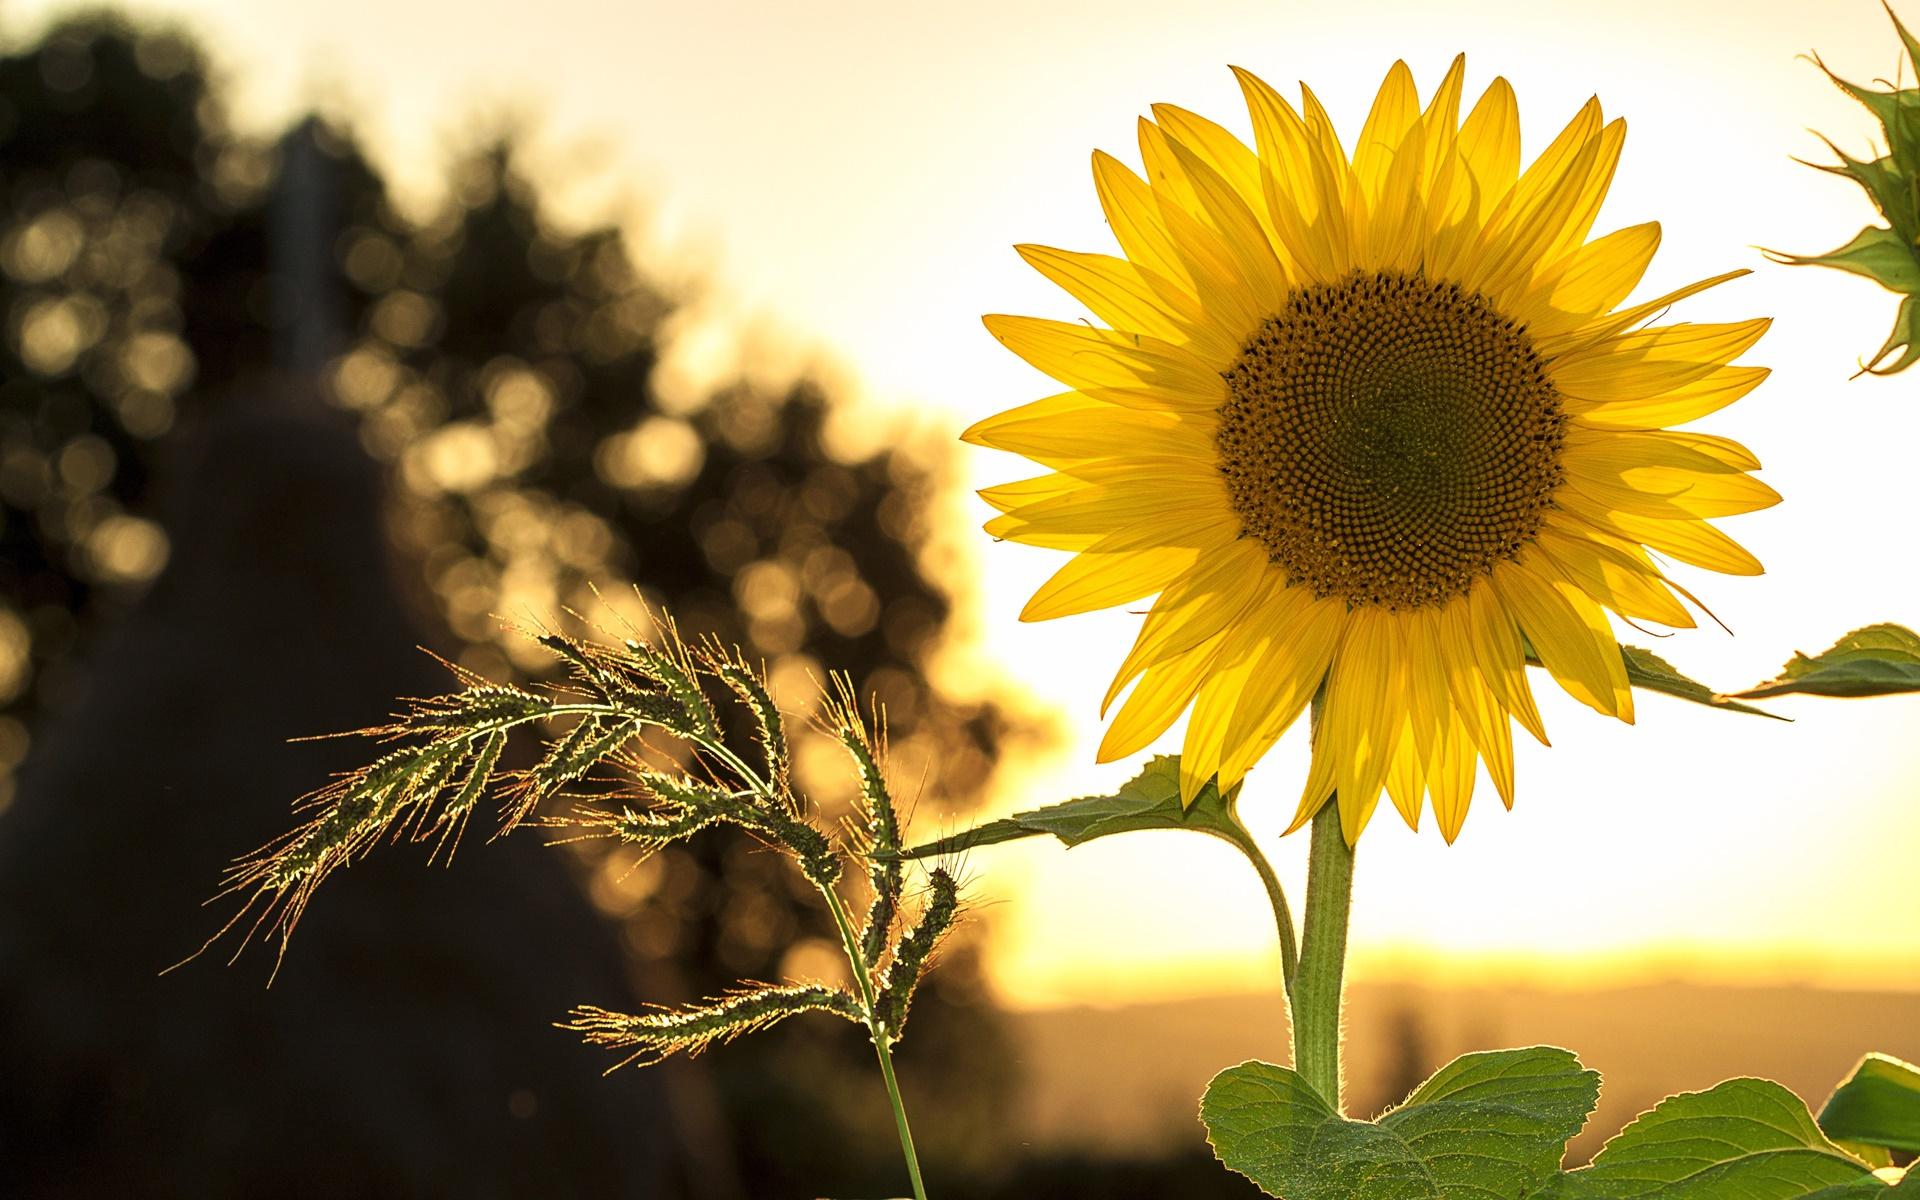 ghép ảnh với hoa hướng dương